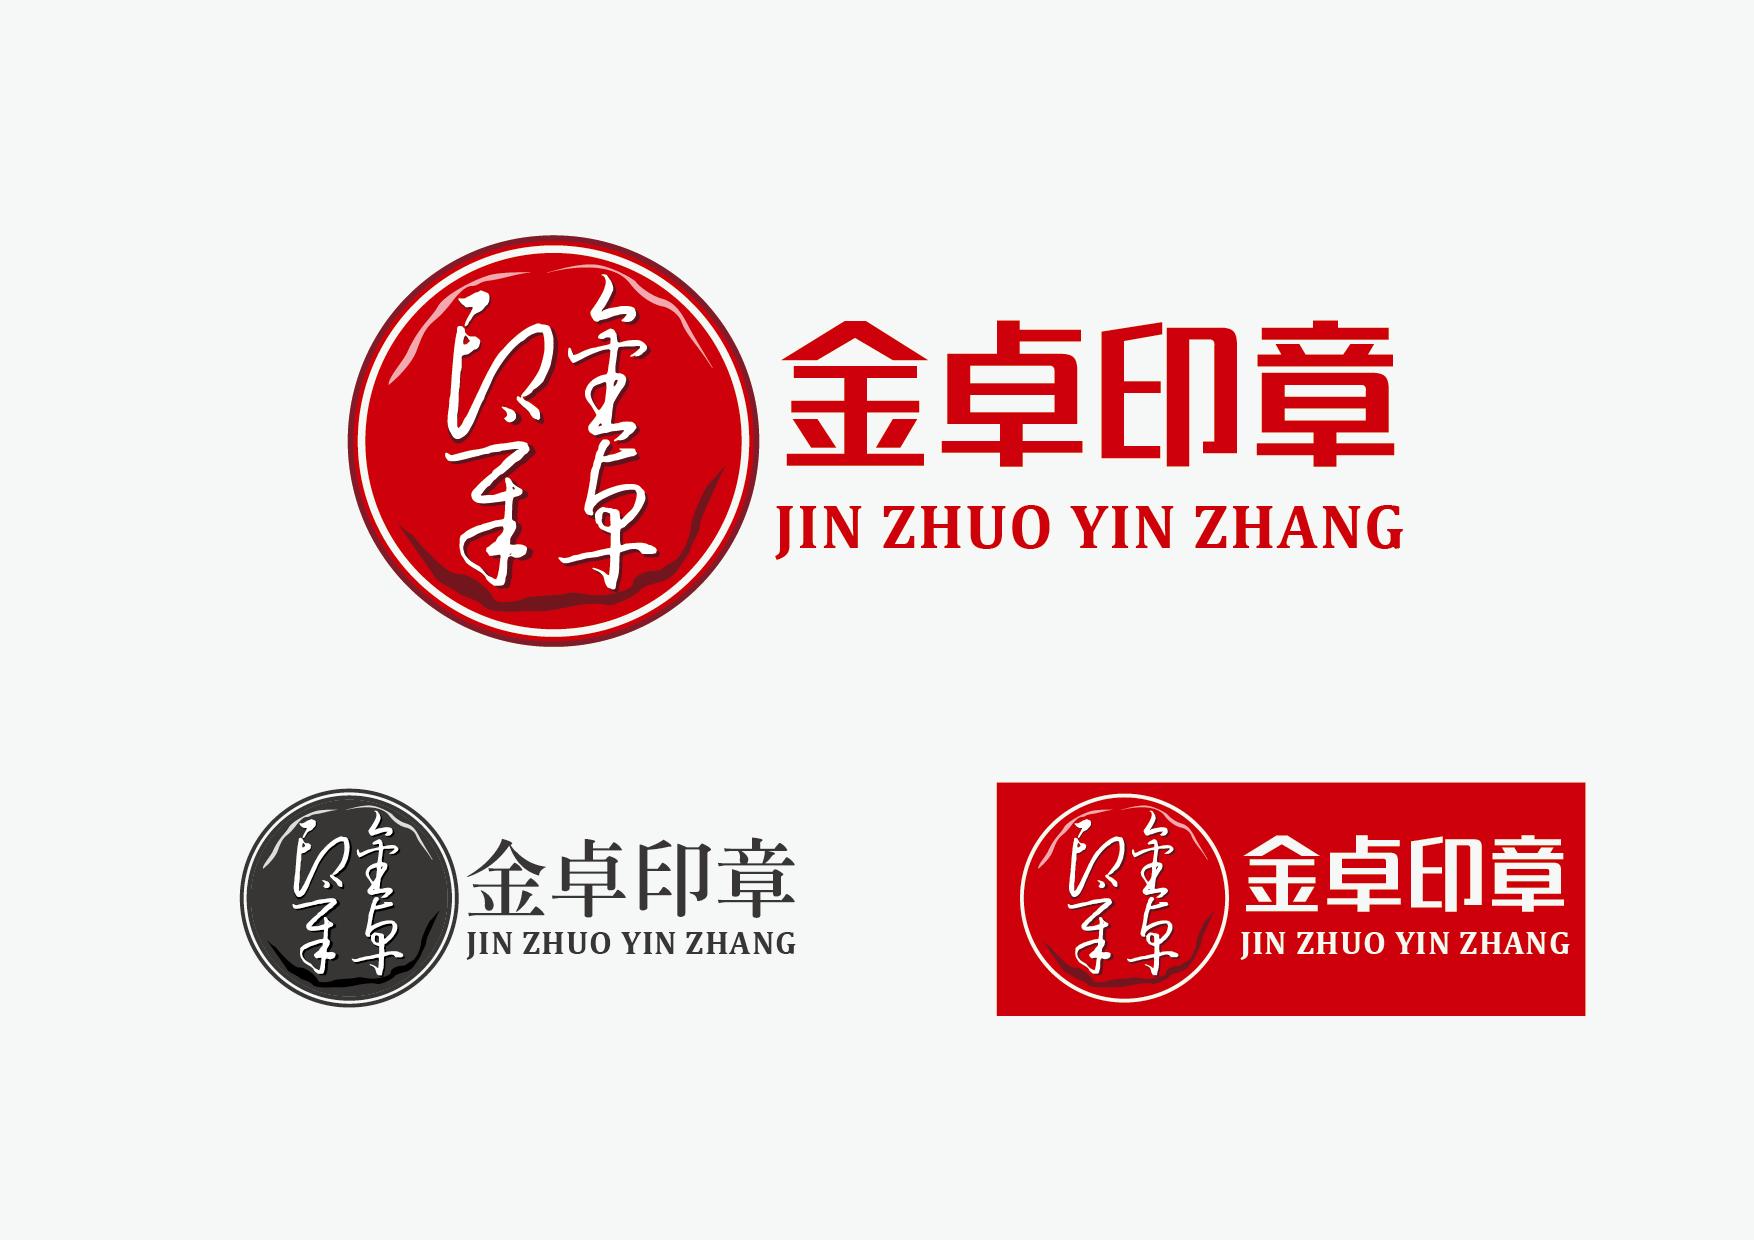 logo设计-logo服务,设计设计-水源网高级设计ui图片